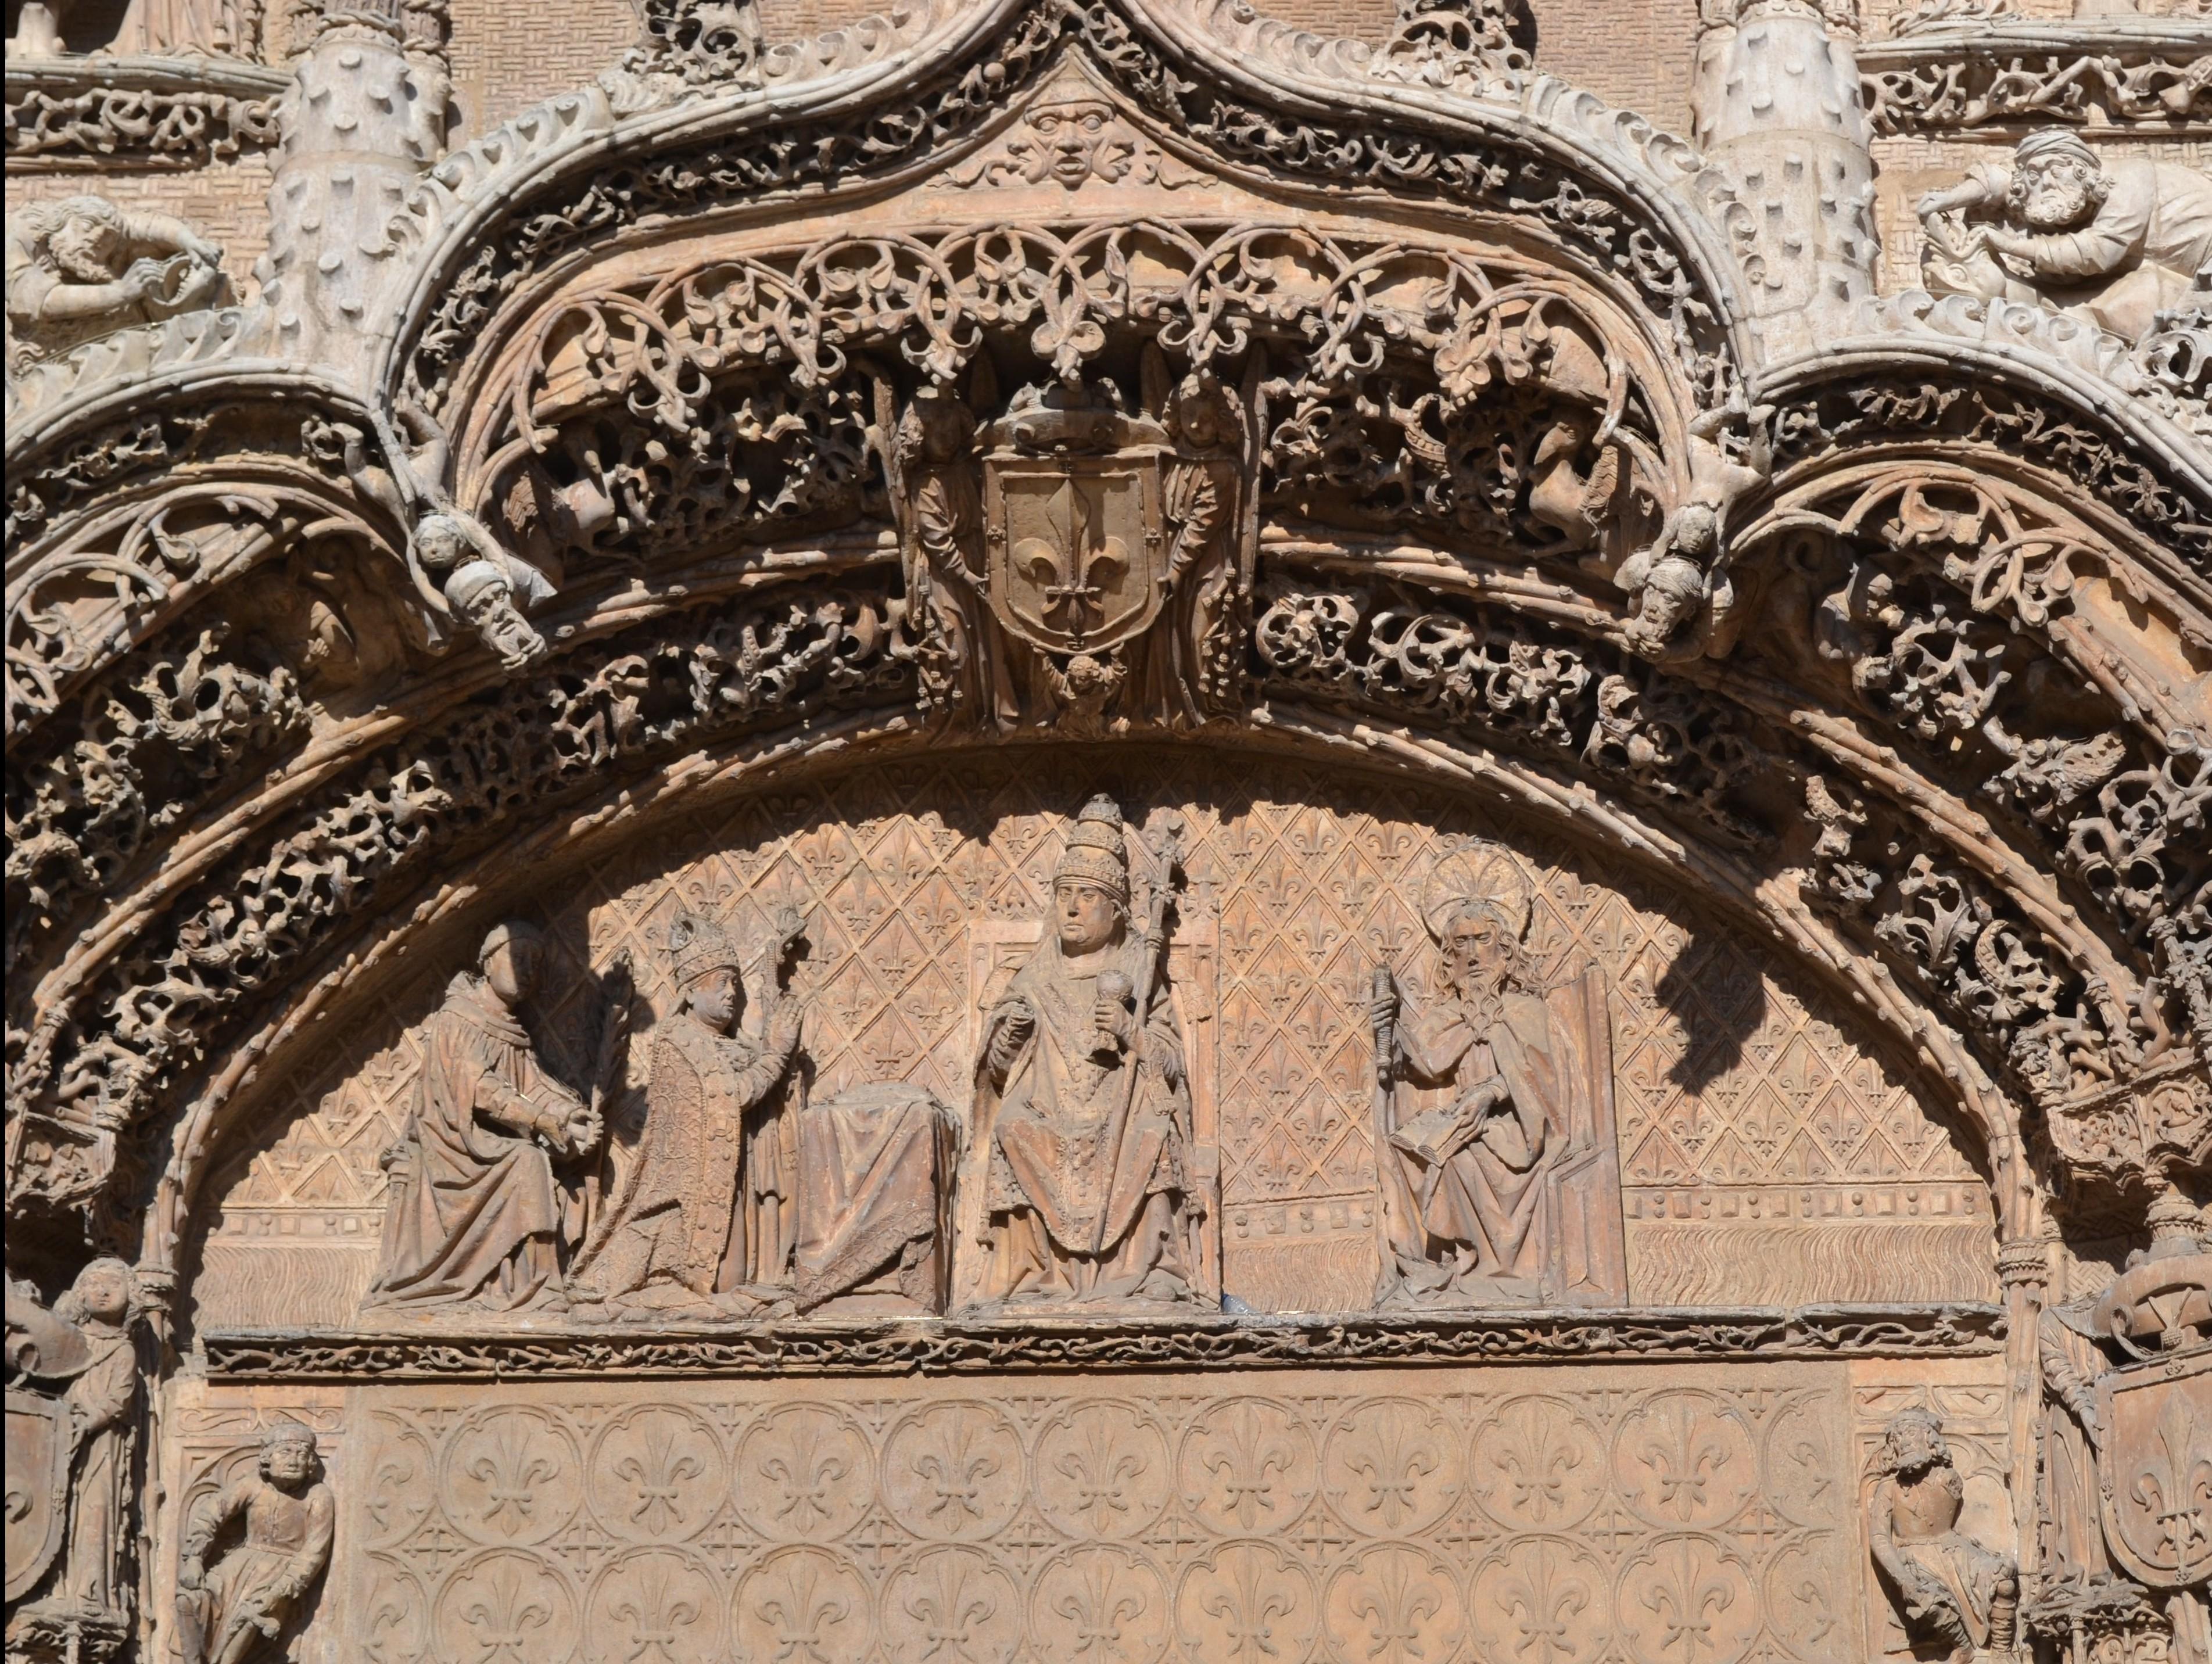 Primer cuerpo fachada Museo Nacional Escultura Valladolid